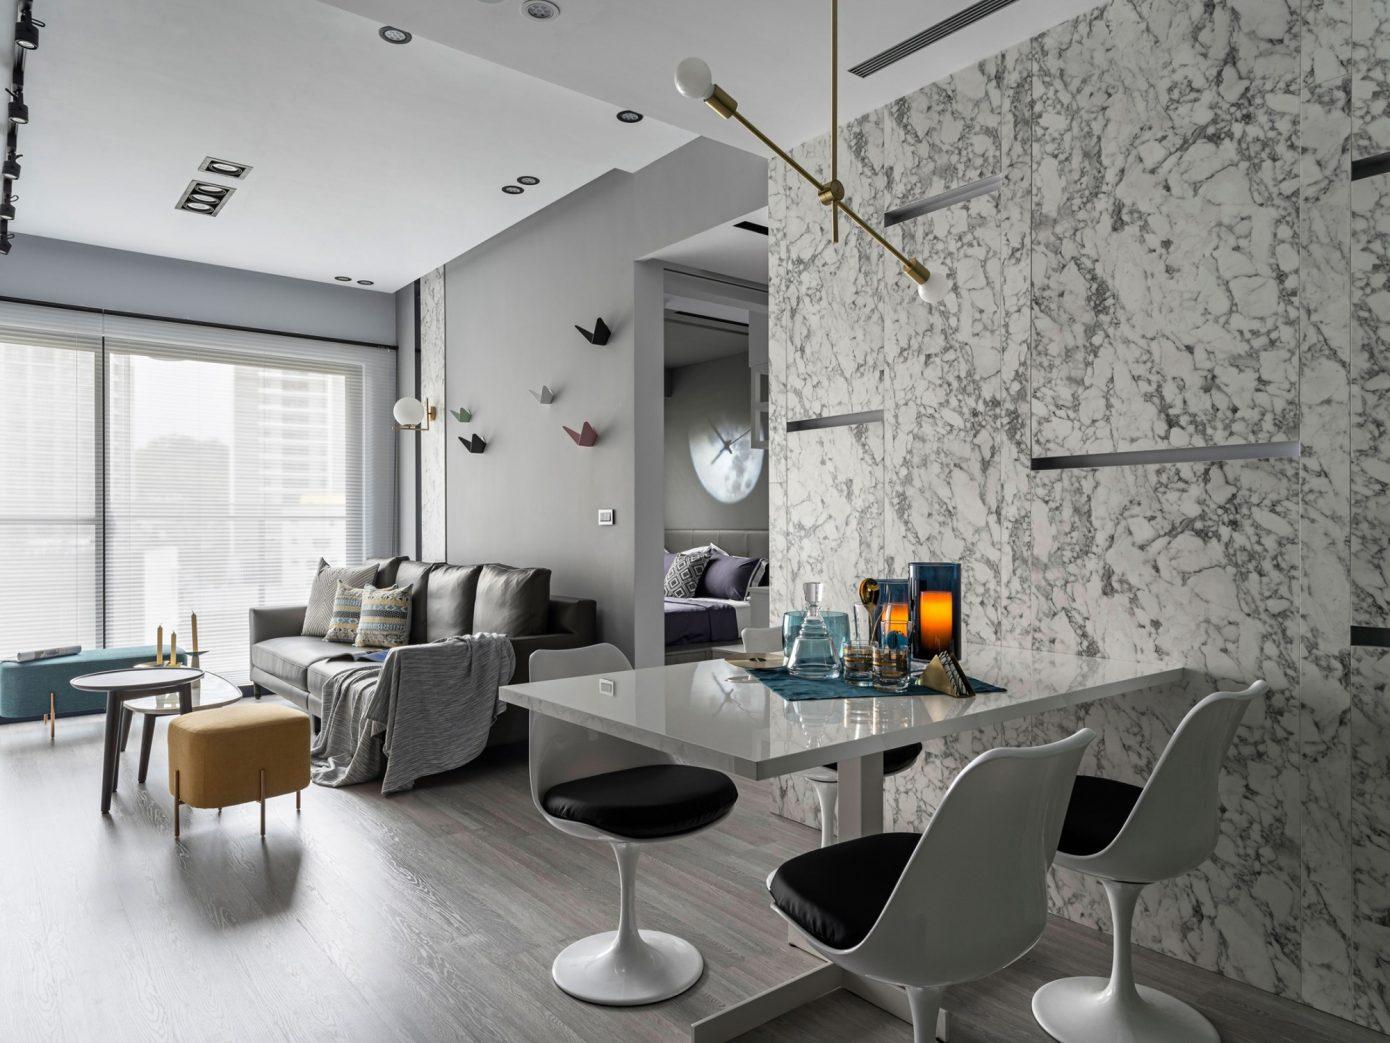 Grotta azzurra by shiang chi interior design homeadore for Blog interior design italia